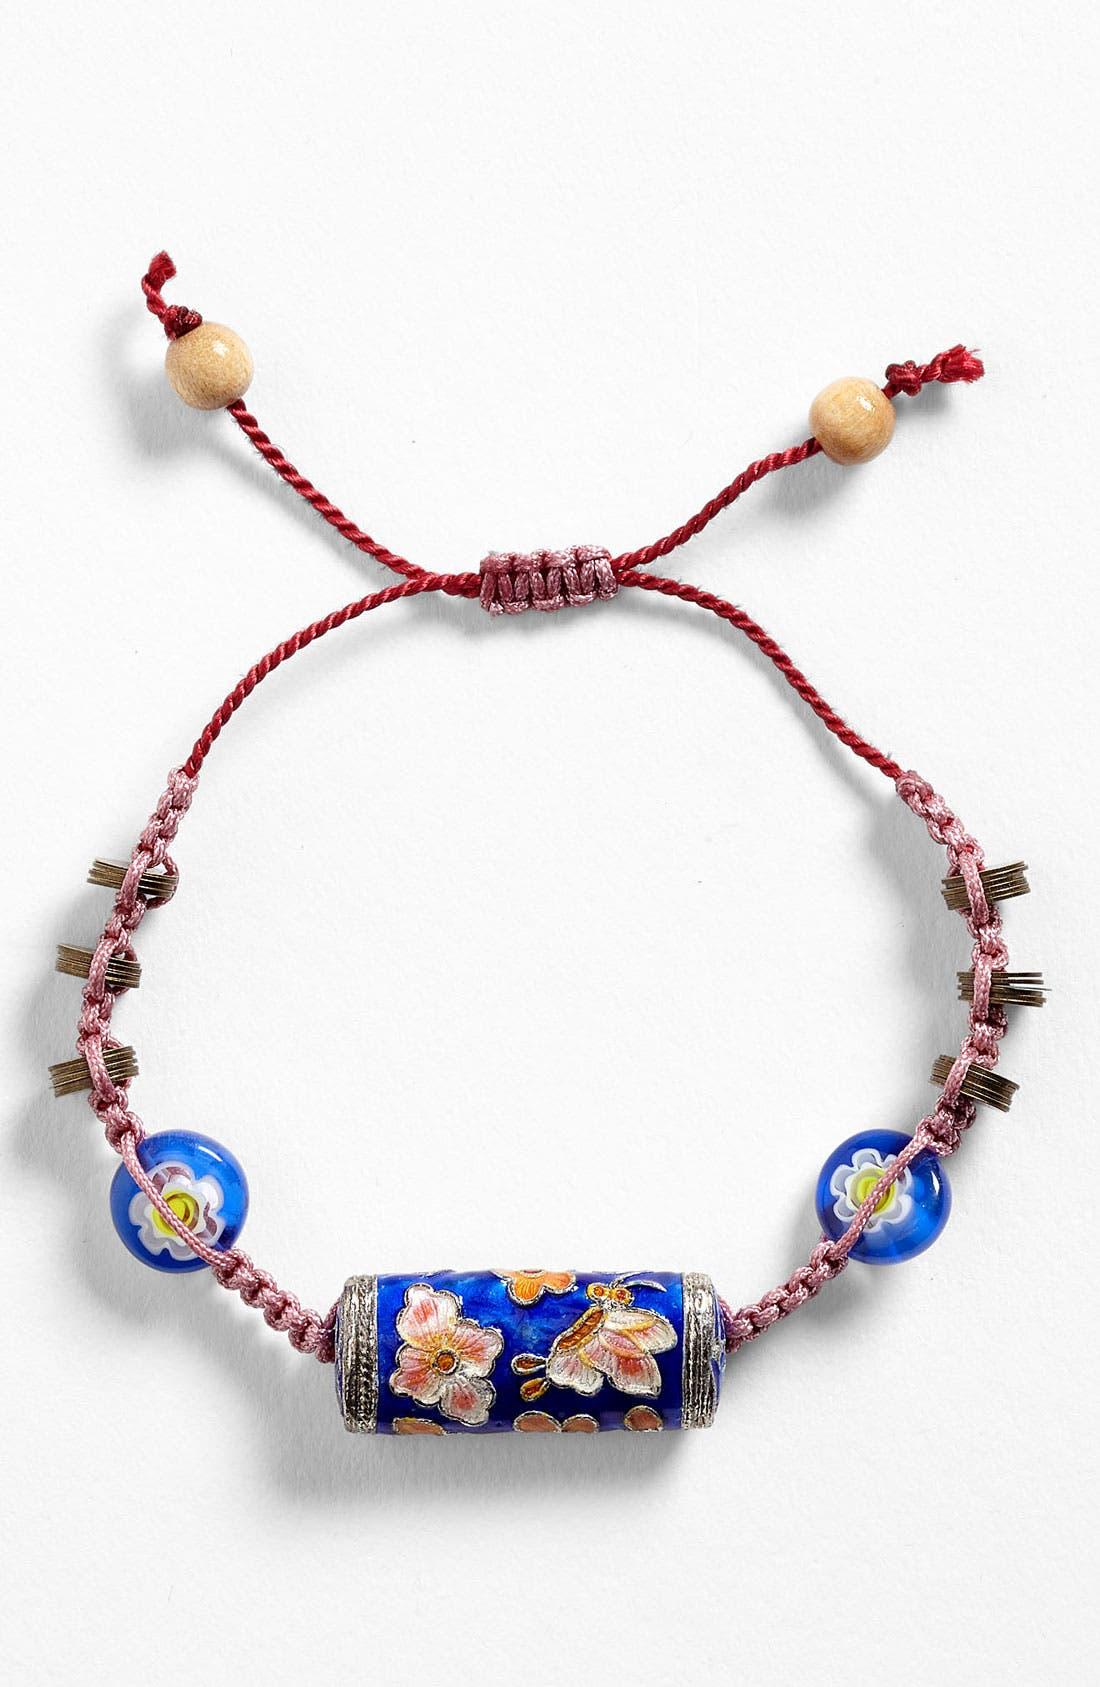 Alternate Image 1 Selected - Bonnie Jonas 'Tranquil' Cloisonné Friendship Bracelet